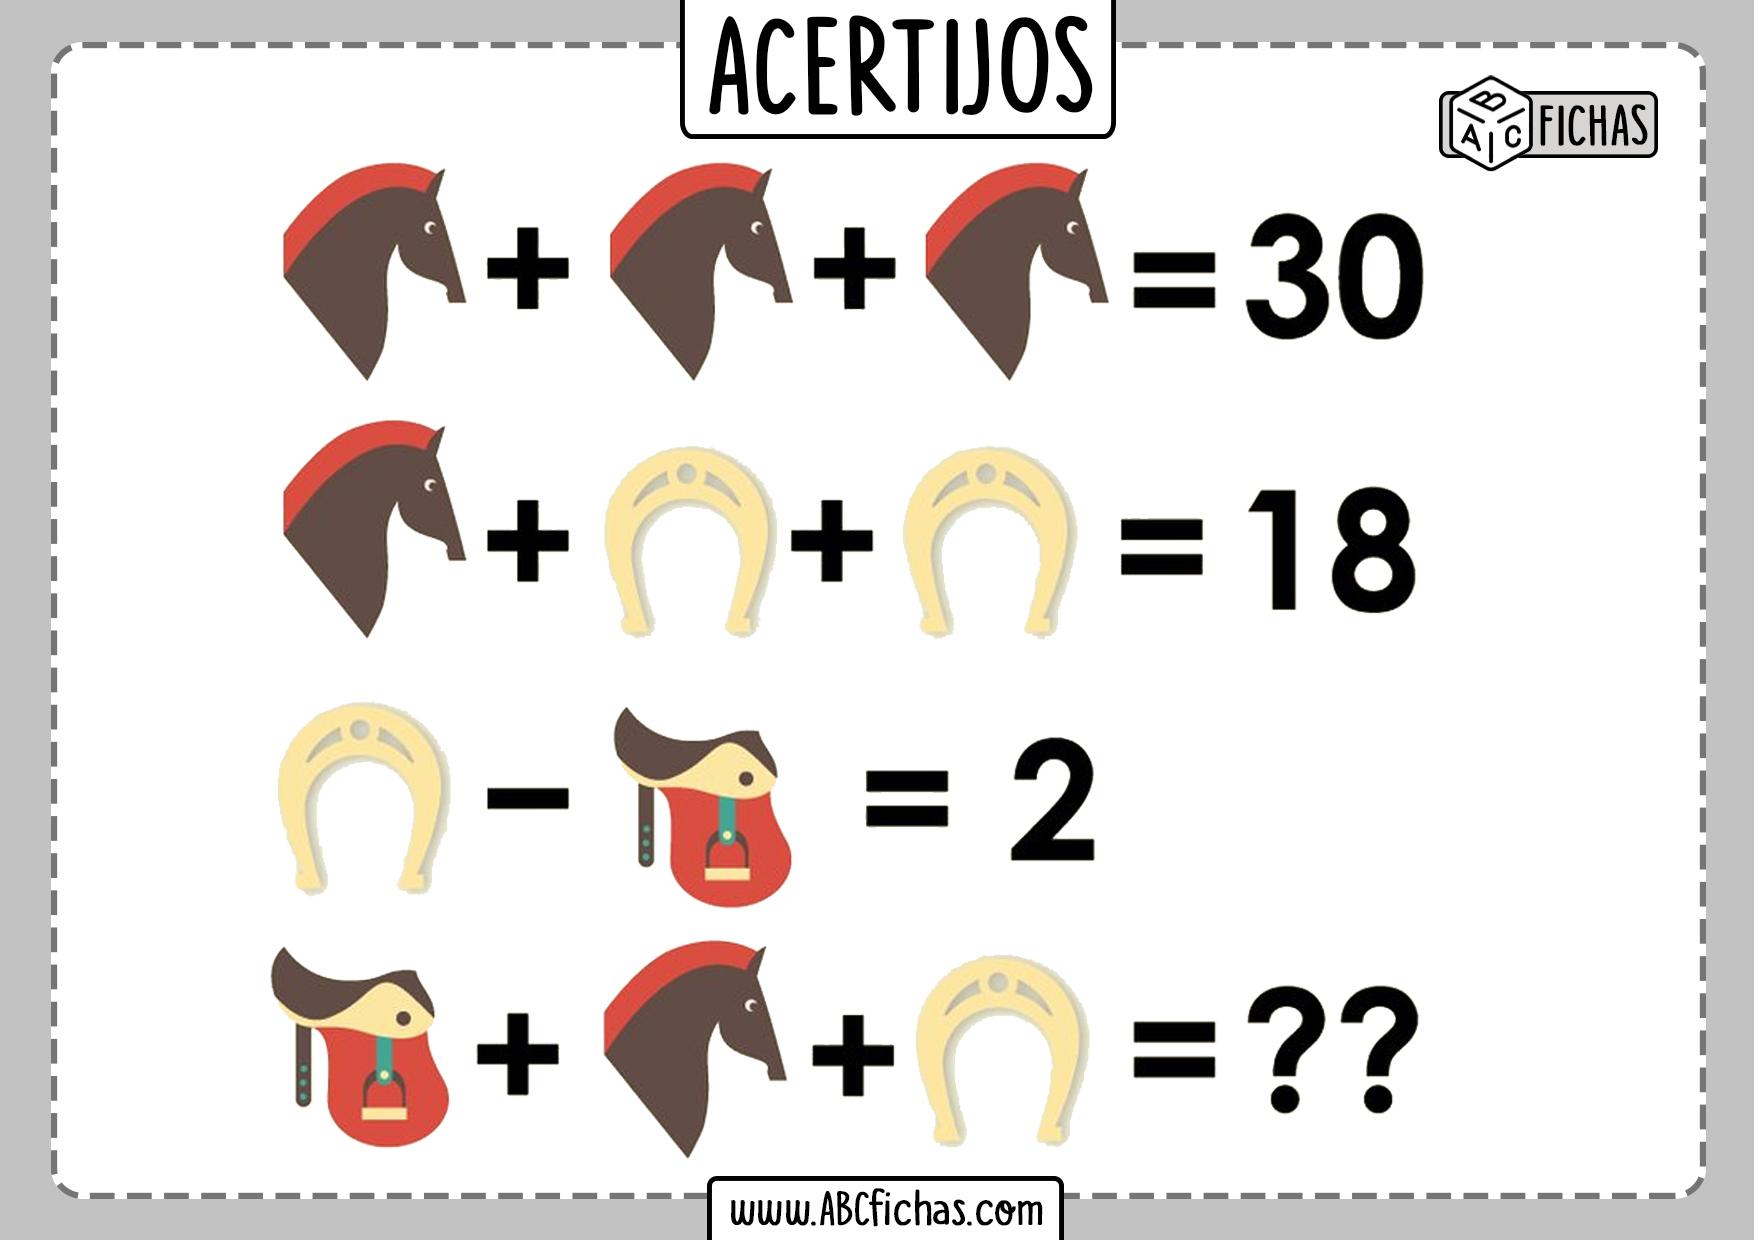 Acertijos matematicos de sumas y restas